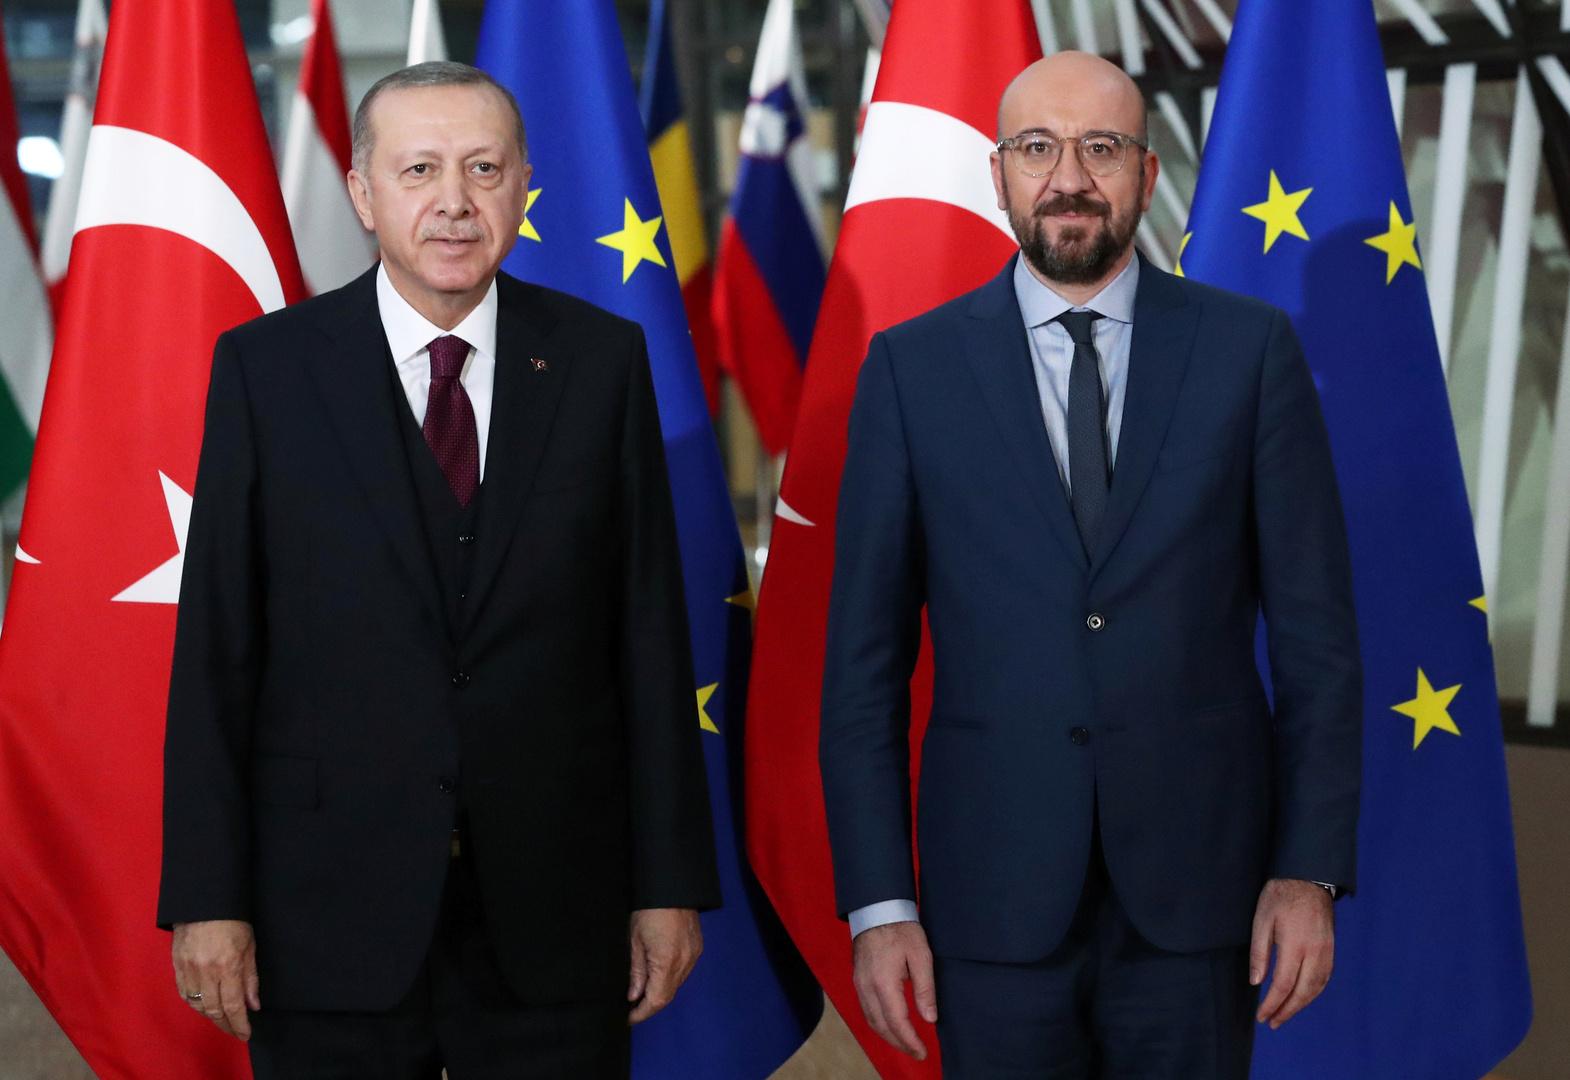 رئيس مجلس الاتحاد الأوروبي يدعو أردوغان إلى مؤتمر متعدد الأطراف حول شرق المتوسط